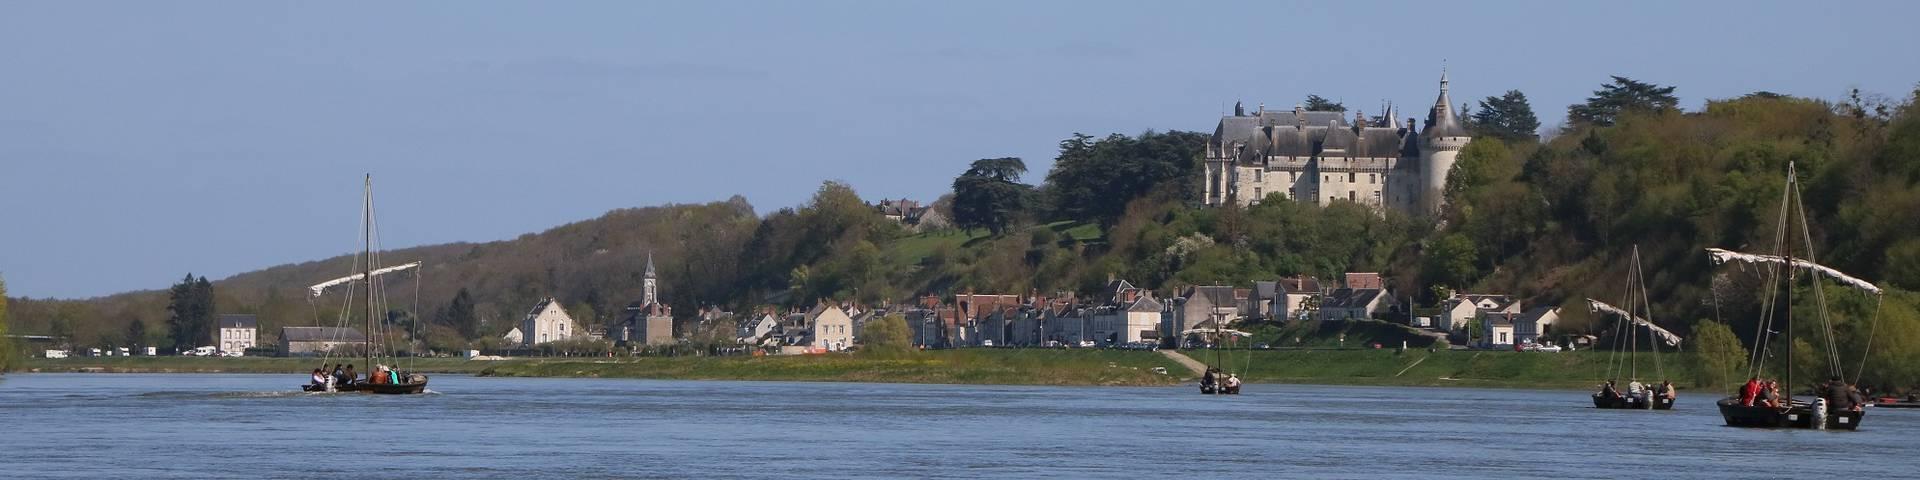 Les bords de Loire à Chaumont. © OTBC